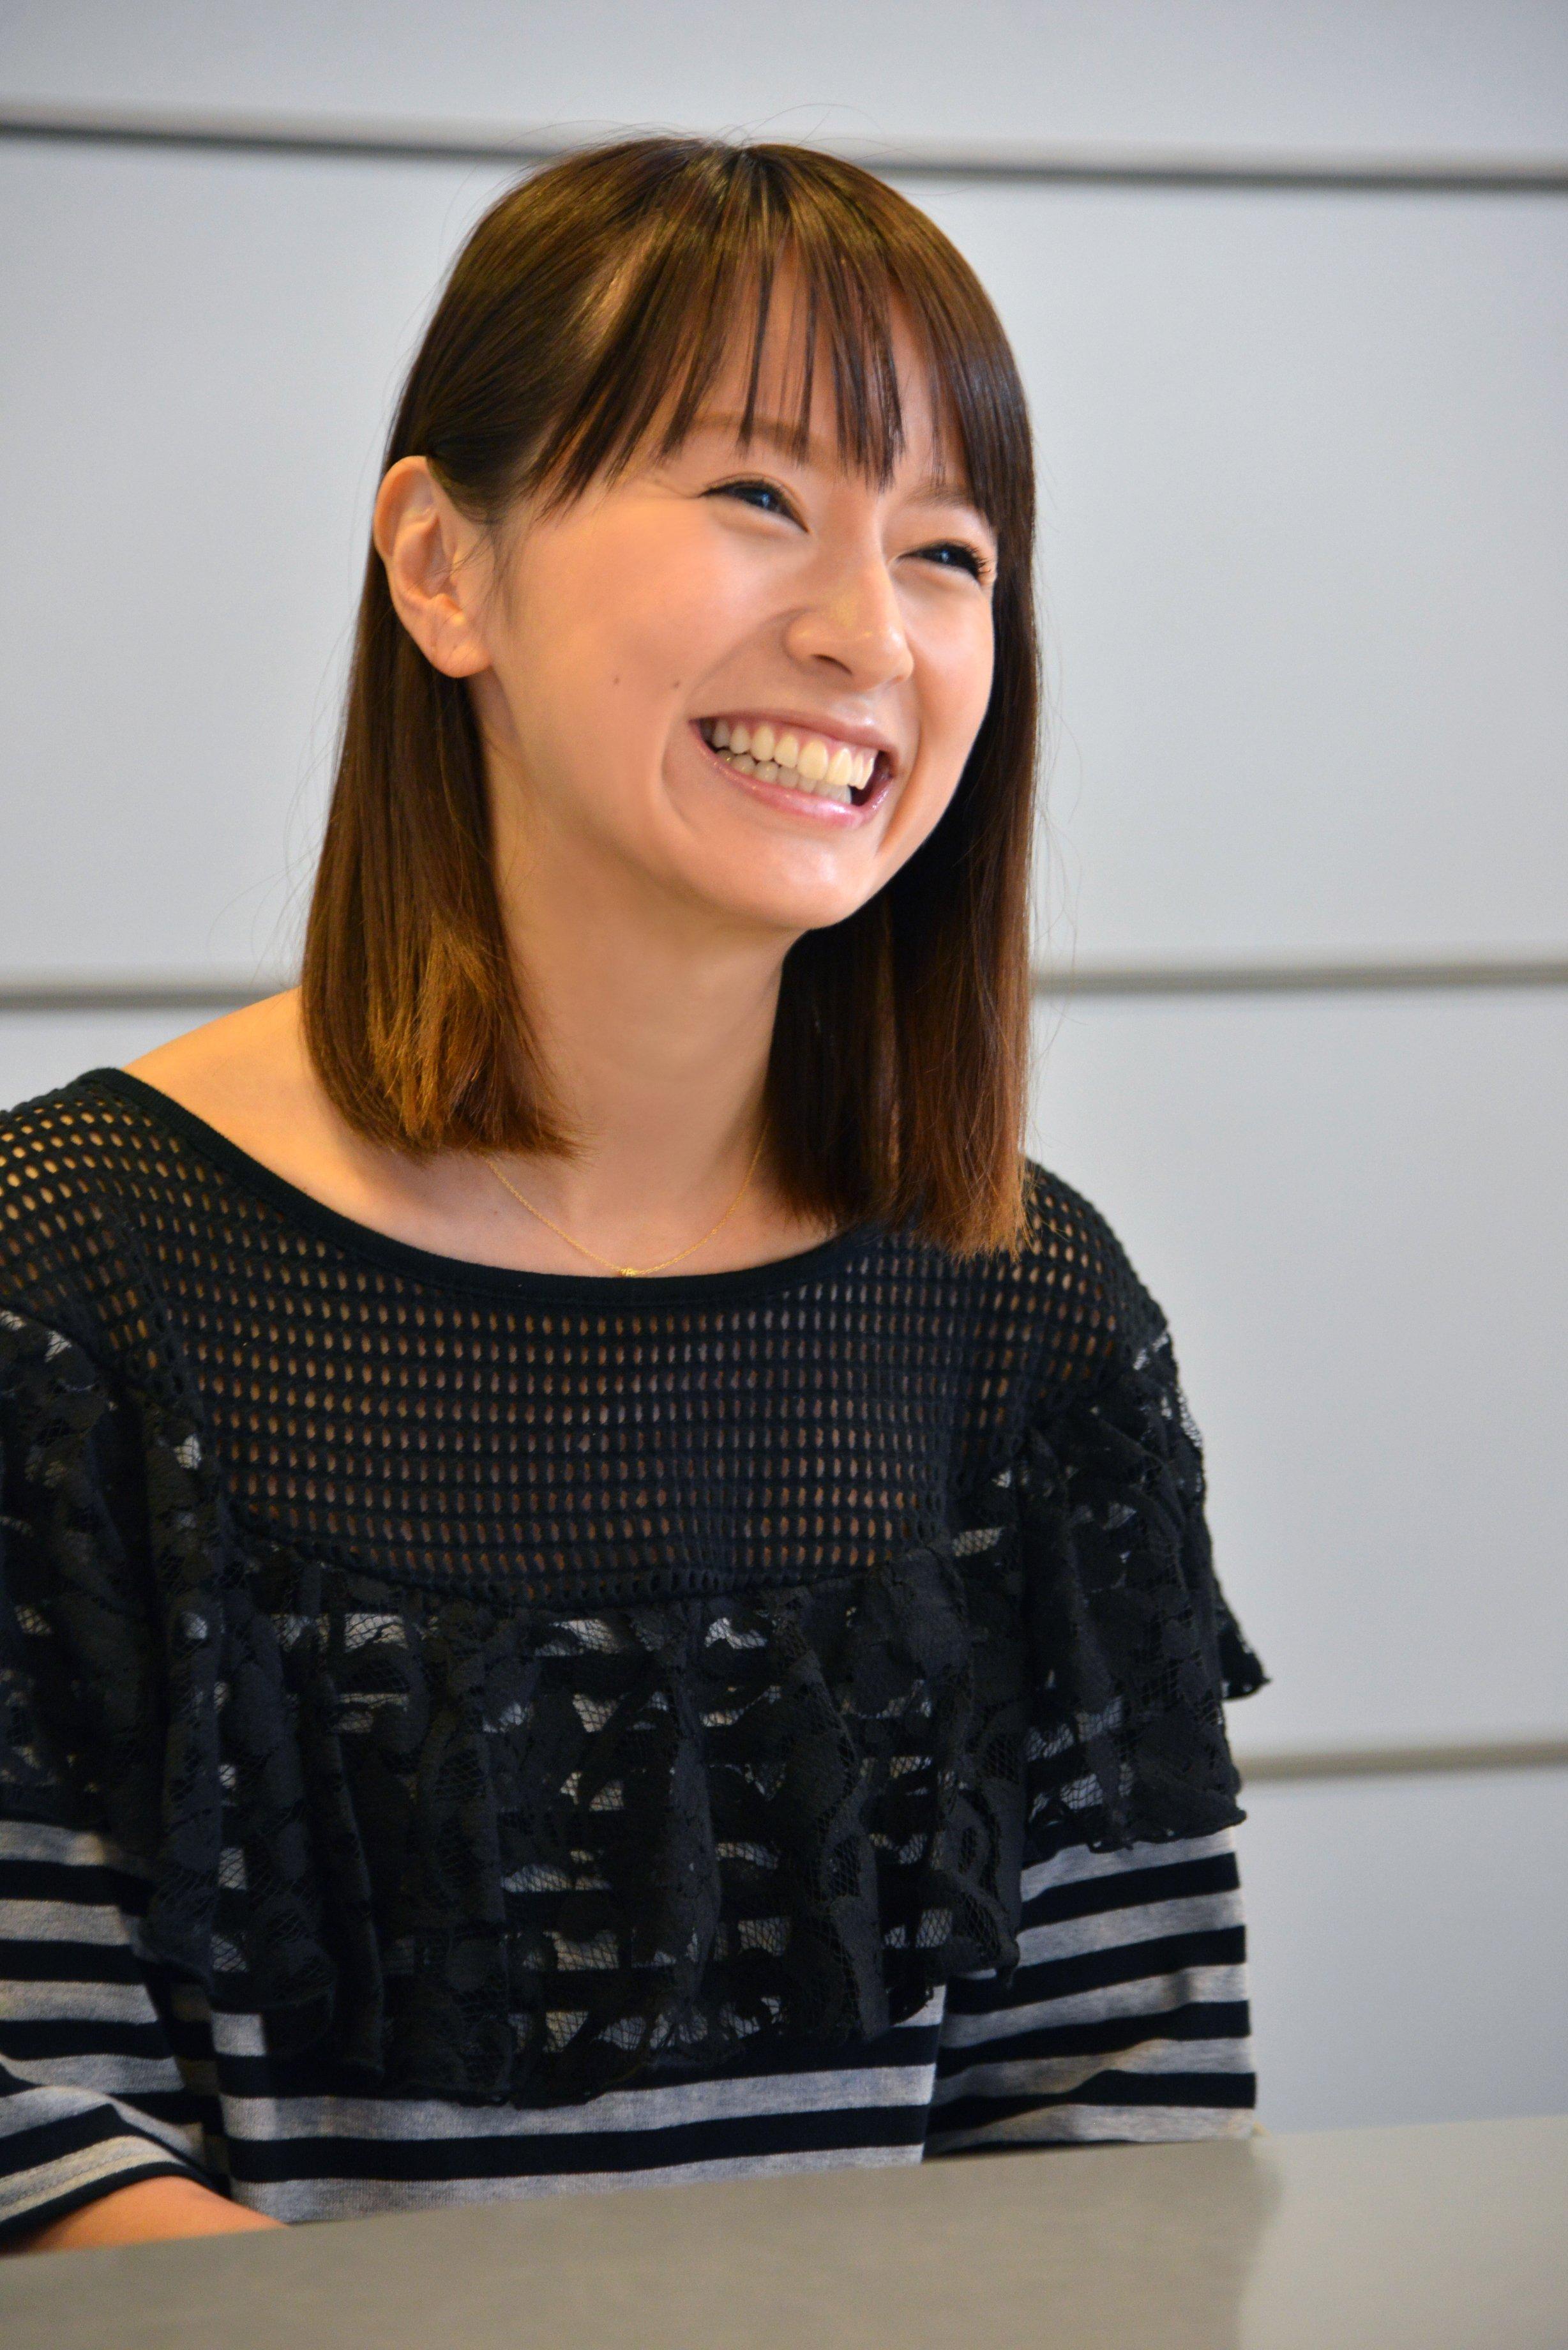 5 594 - 鈴木亜美がさまざまな熱愛の末にたどり着いた結婚相手は●●